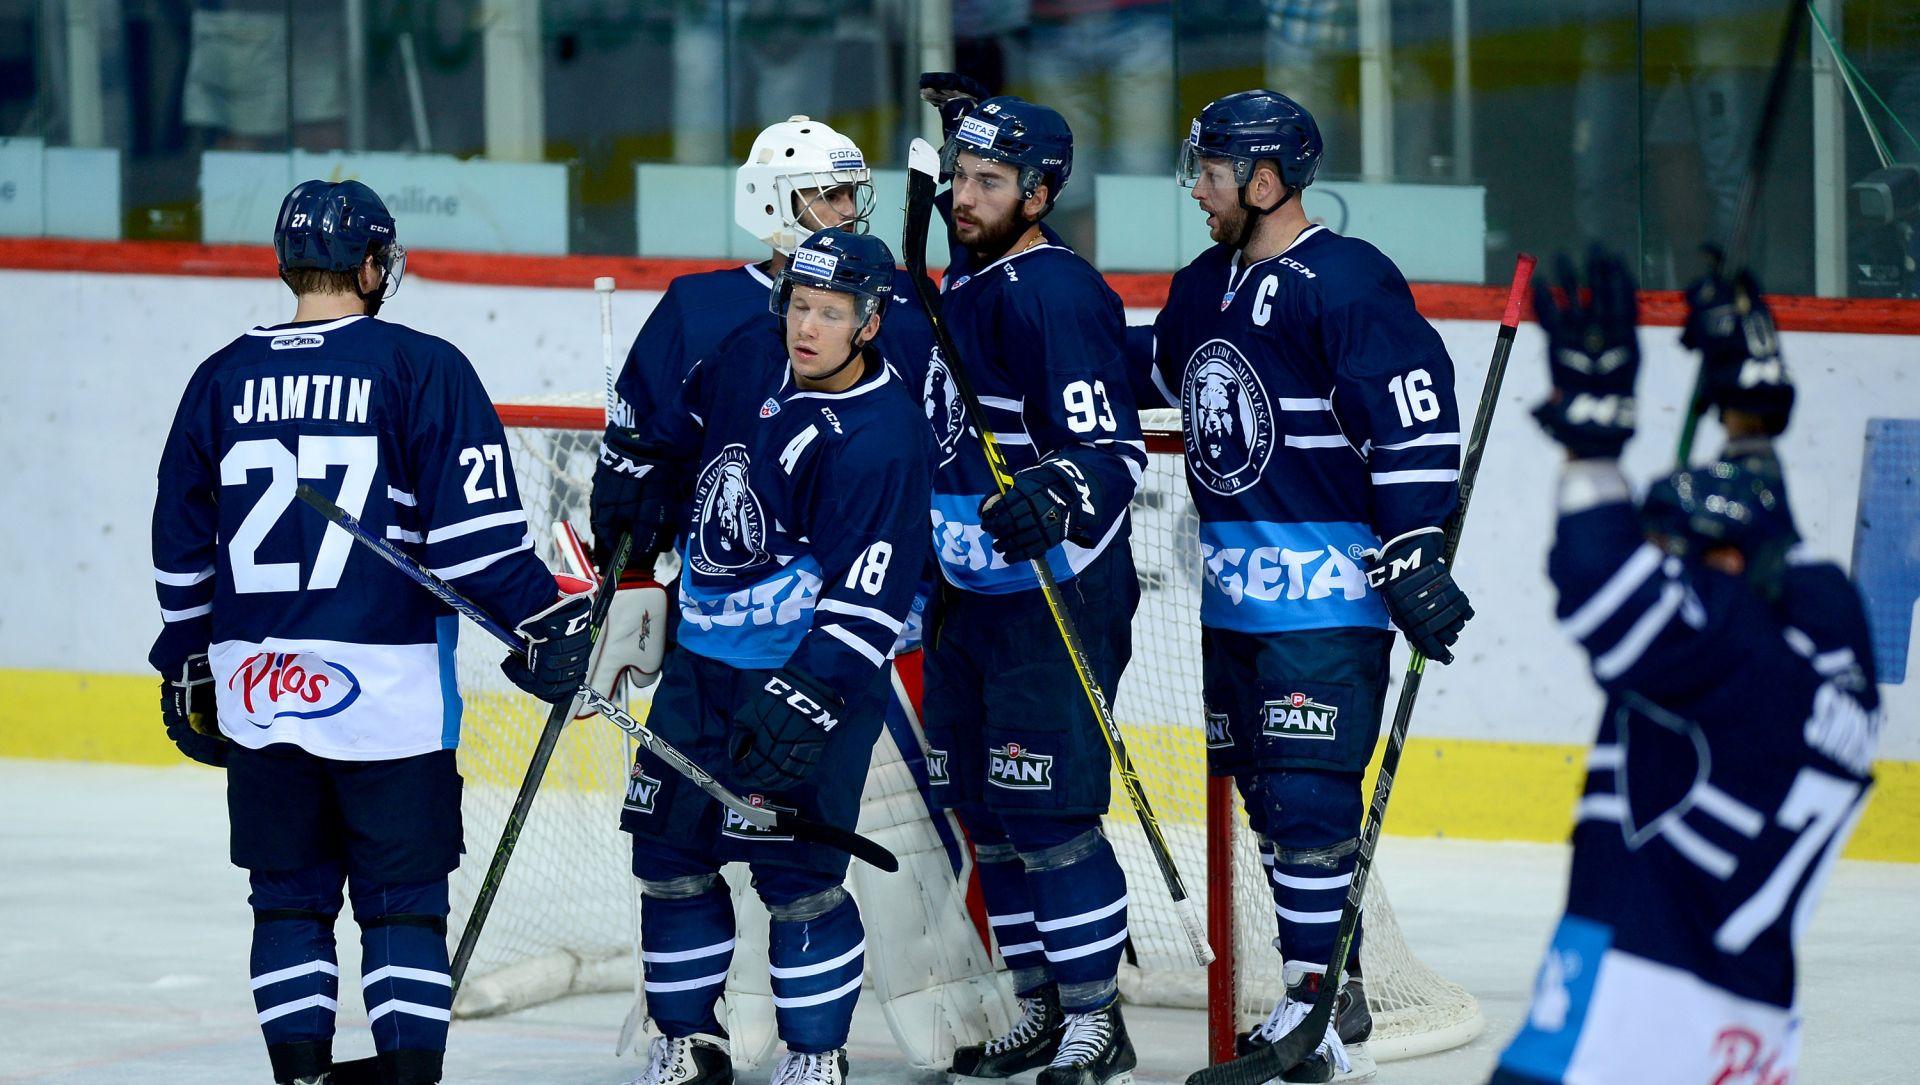 VIDEO: KHL Medveščak upisao prvu gostujuću pobjedu, slijedi Spartak u petak